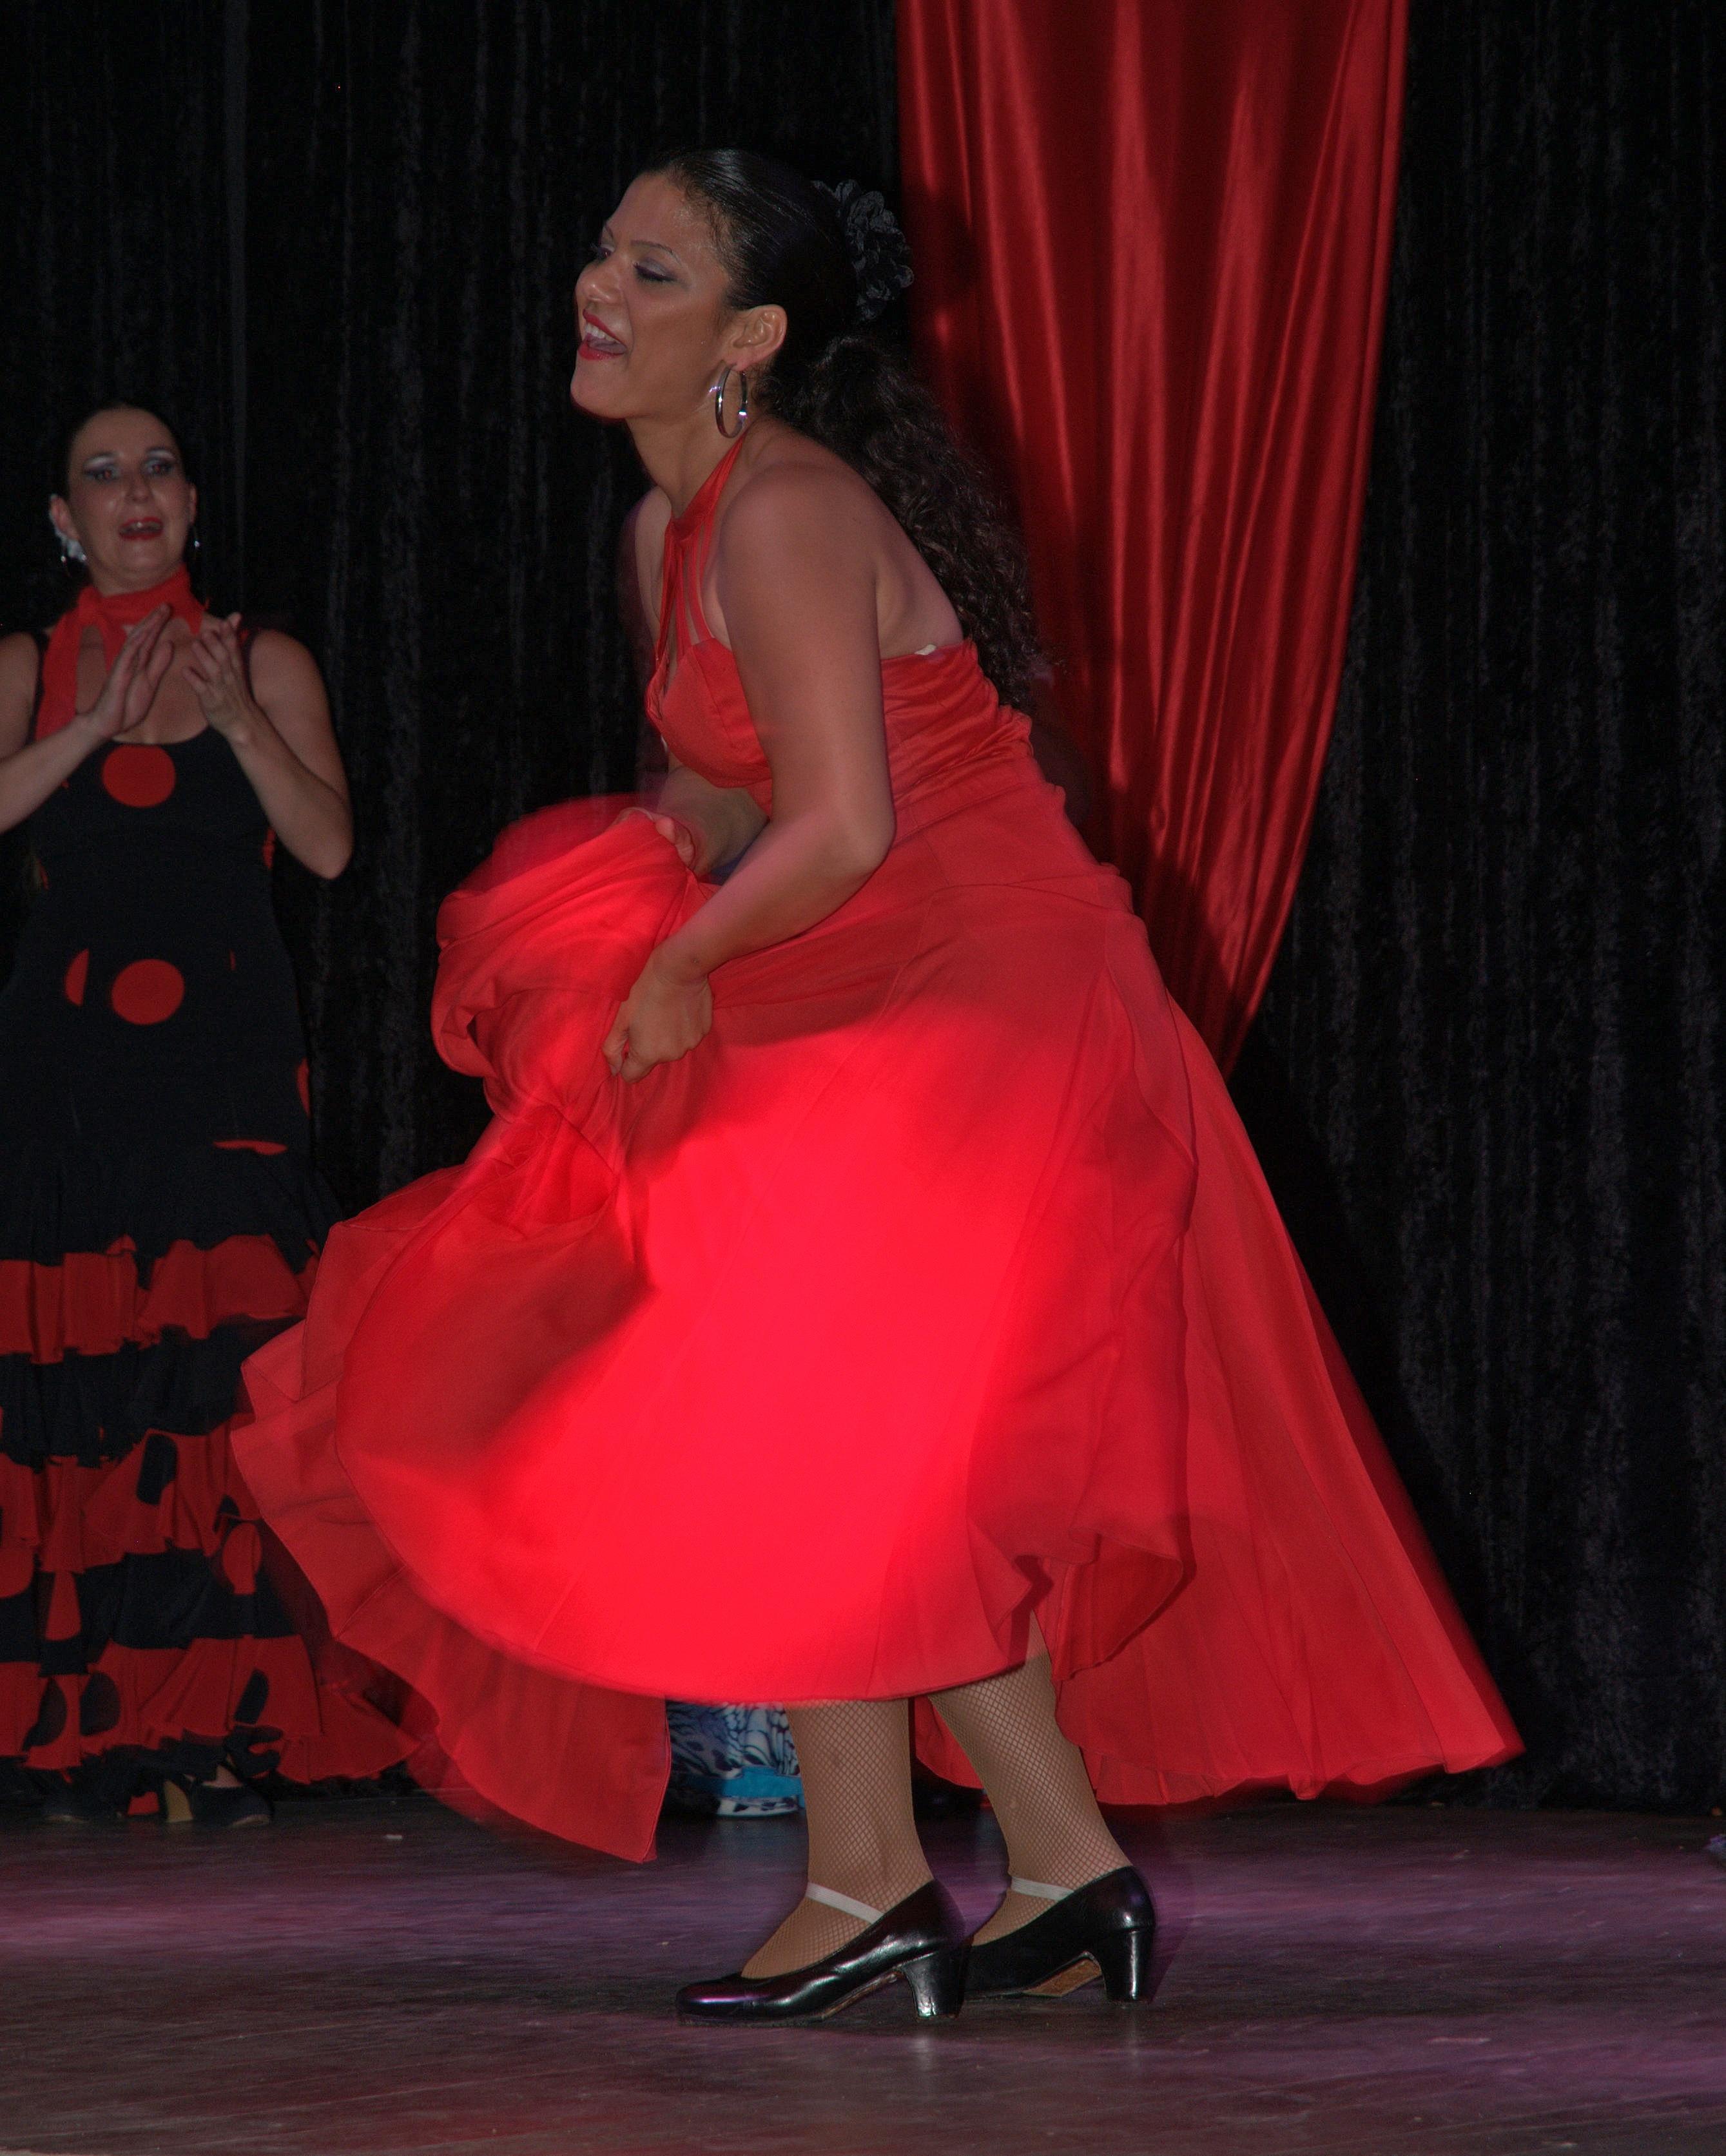 Танцует под юбкой ничего фото 14-838